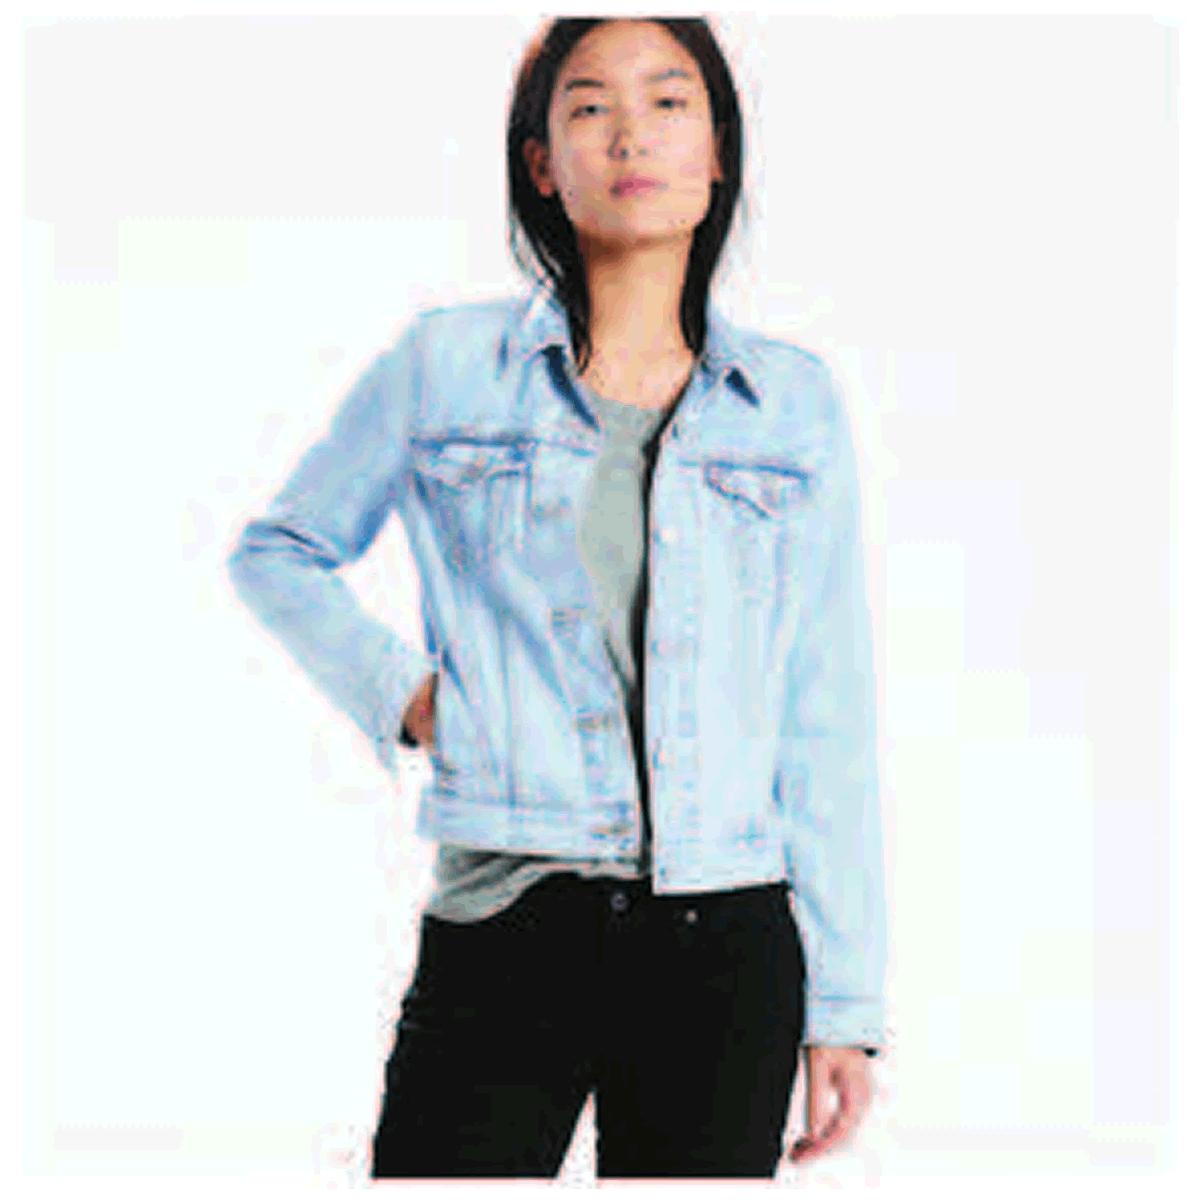 Womens Levis Jeans & Denim Apparel - Macy's - Levi's Woman